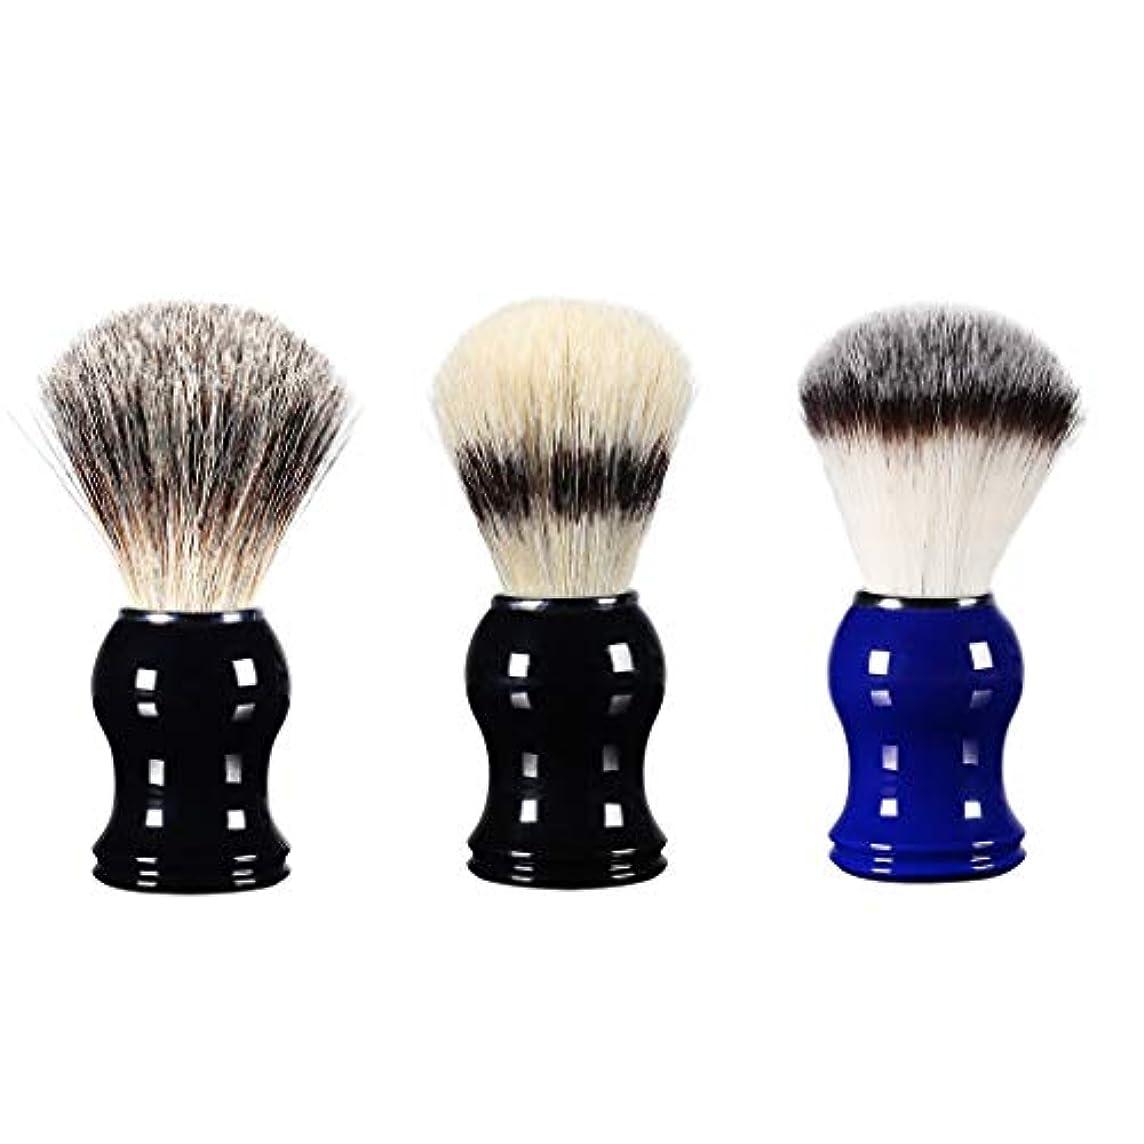 天化合物交換可能P Prettyia シェービング用ブラシ メンズ 理容 洗顔 髭剃り 泡立ち 3個入